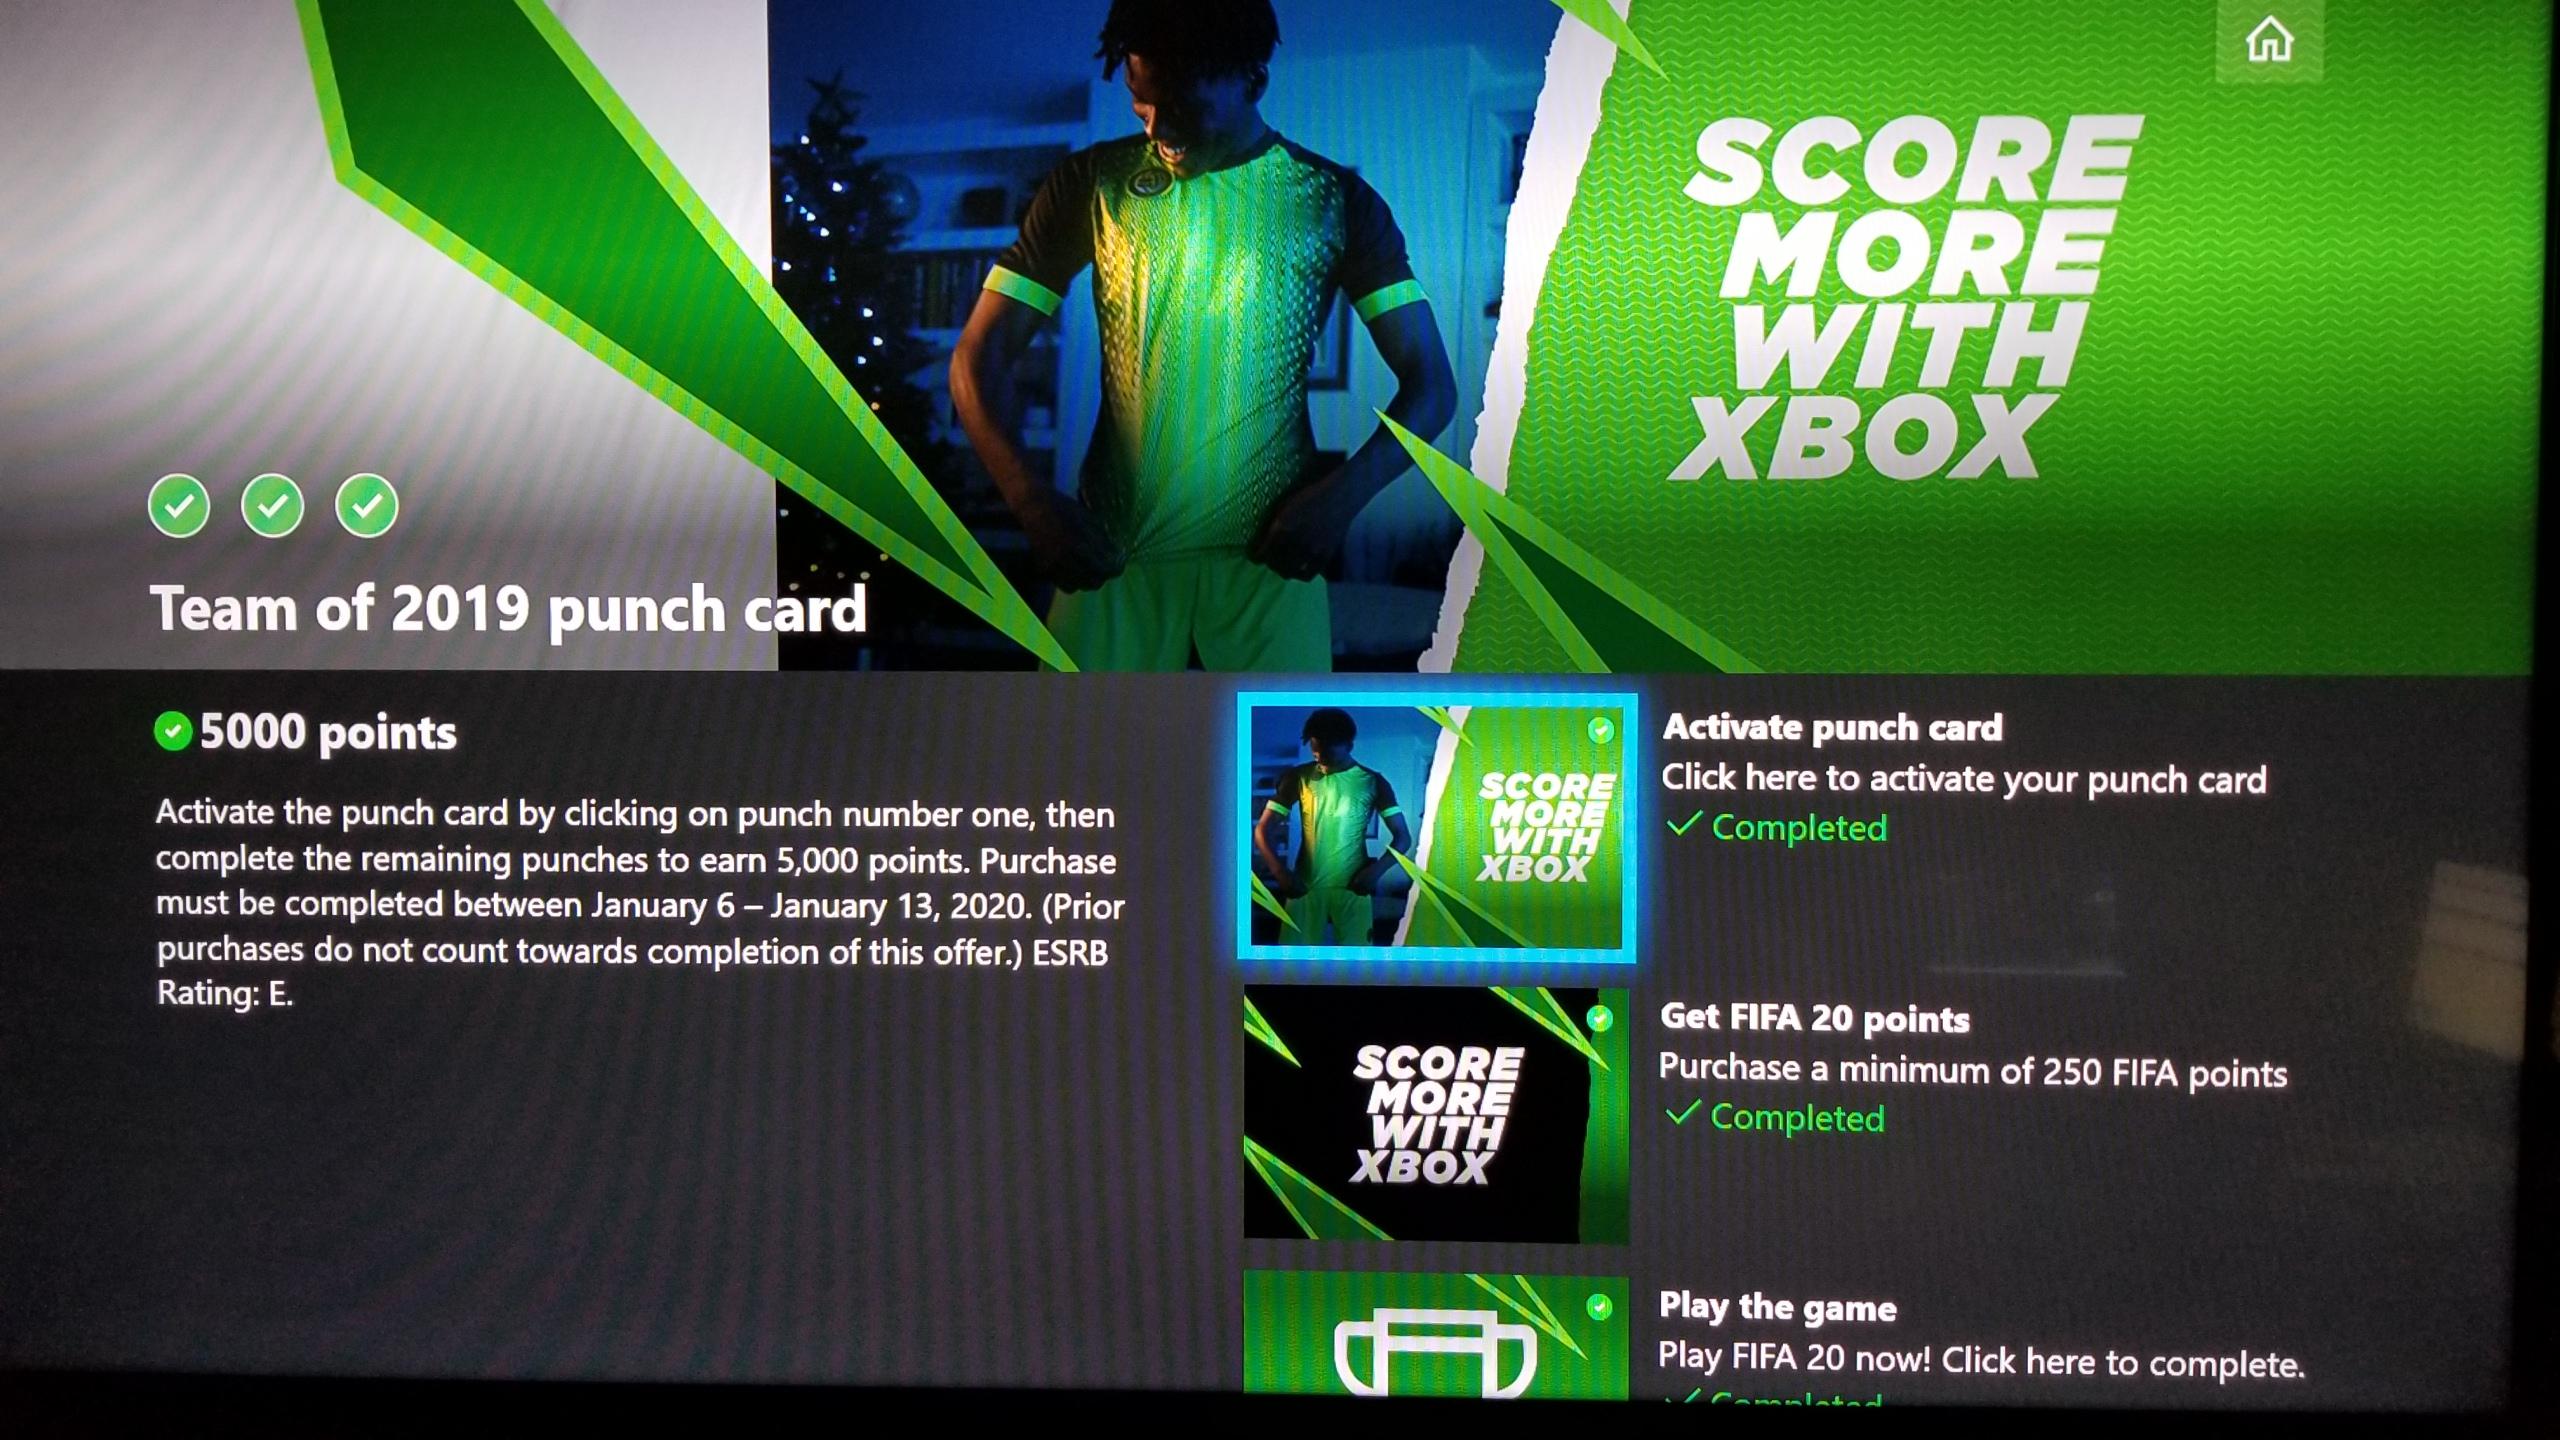 MS Rewards Maximum 2100 Points Profit On Xbox Console